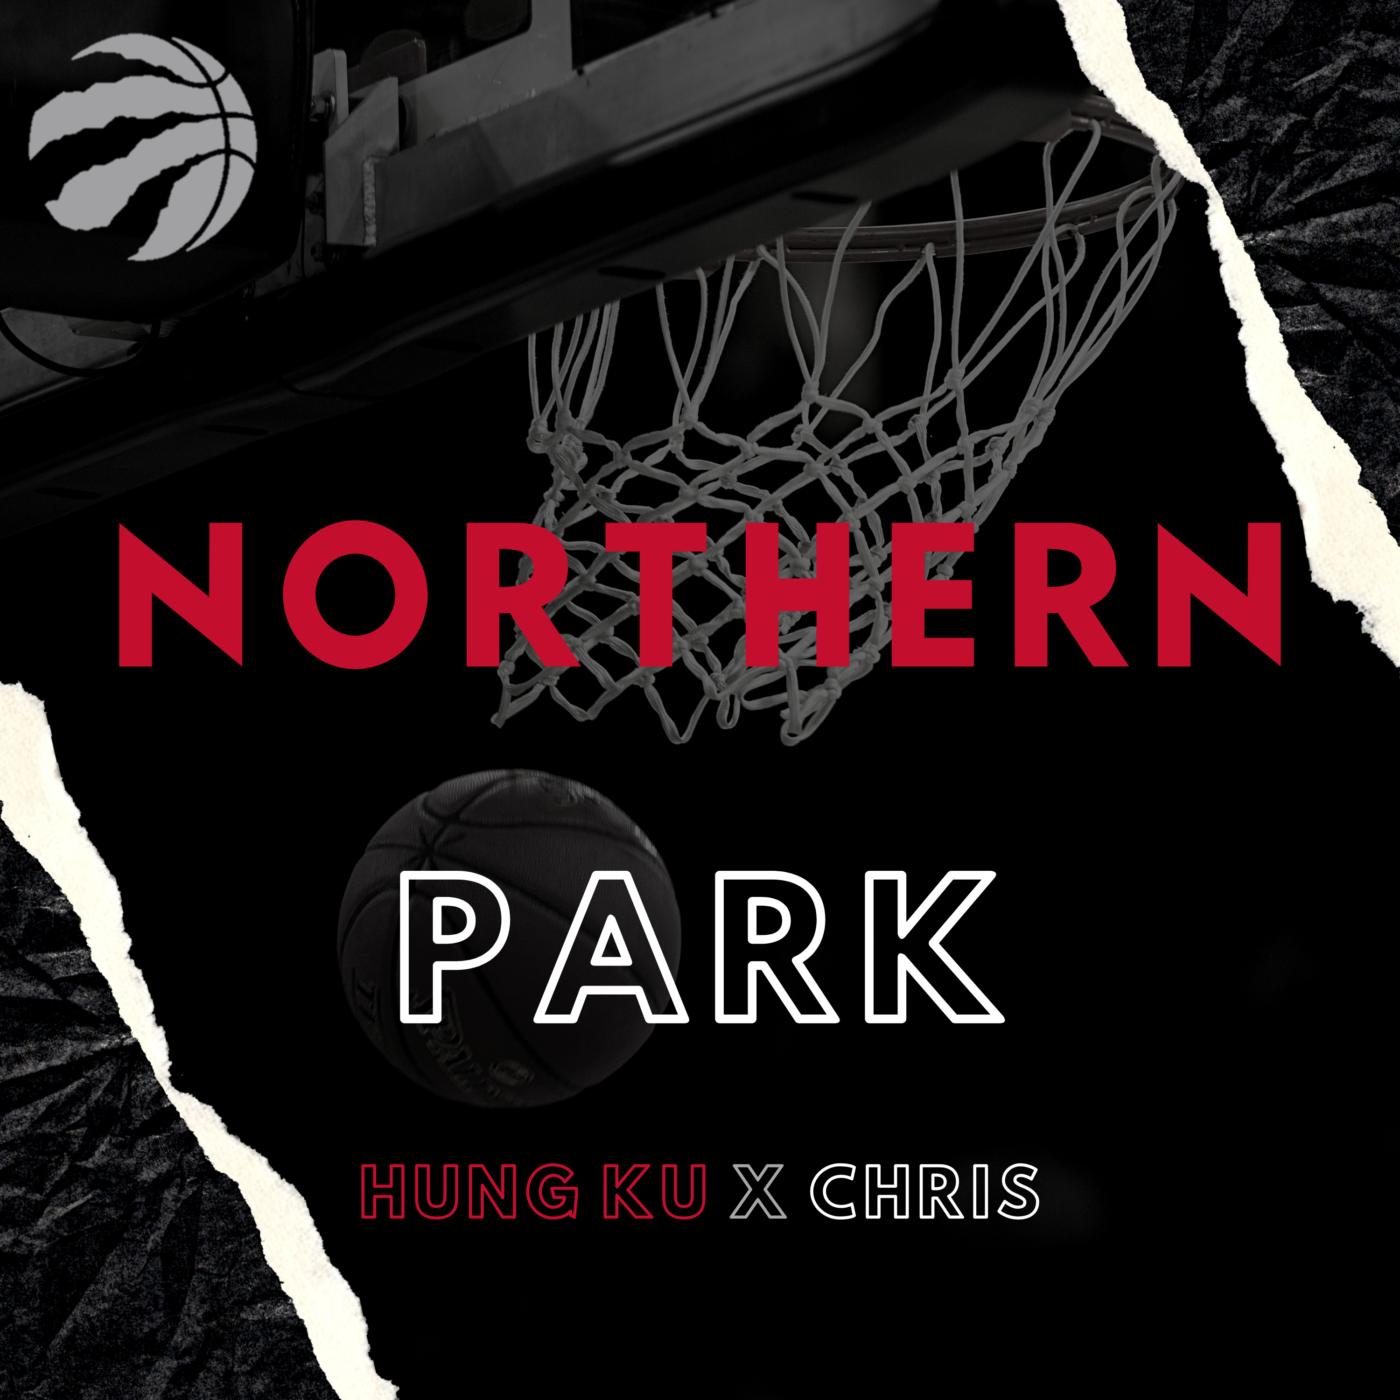 北境公園 Northern Park